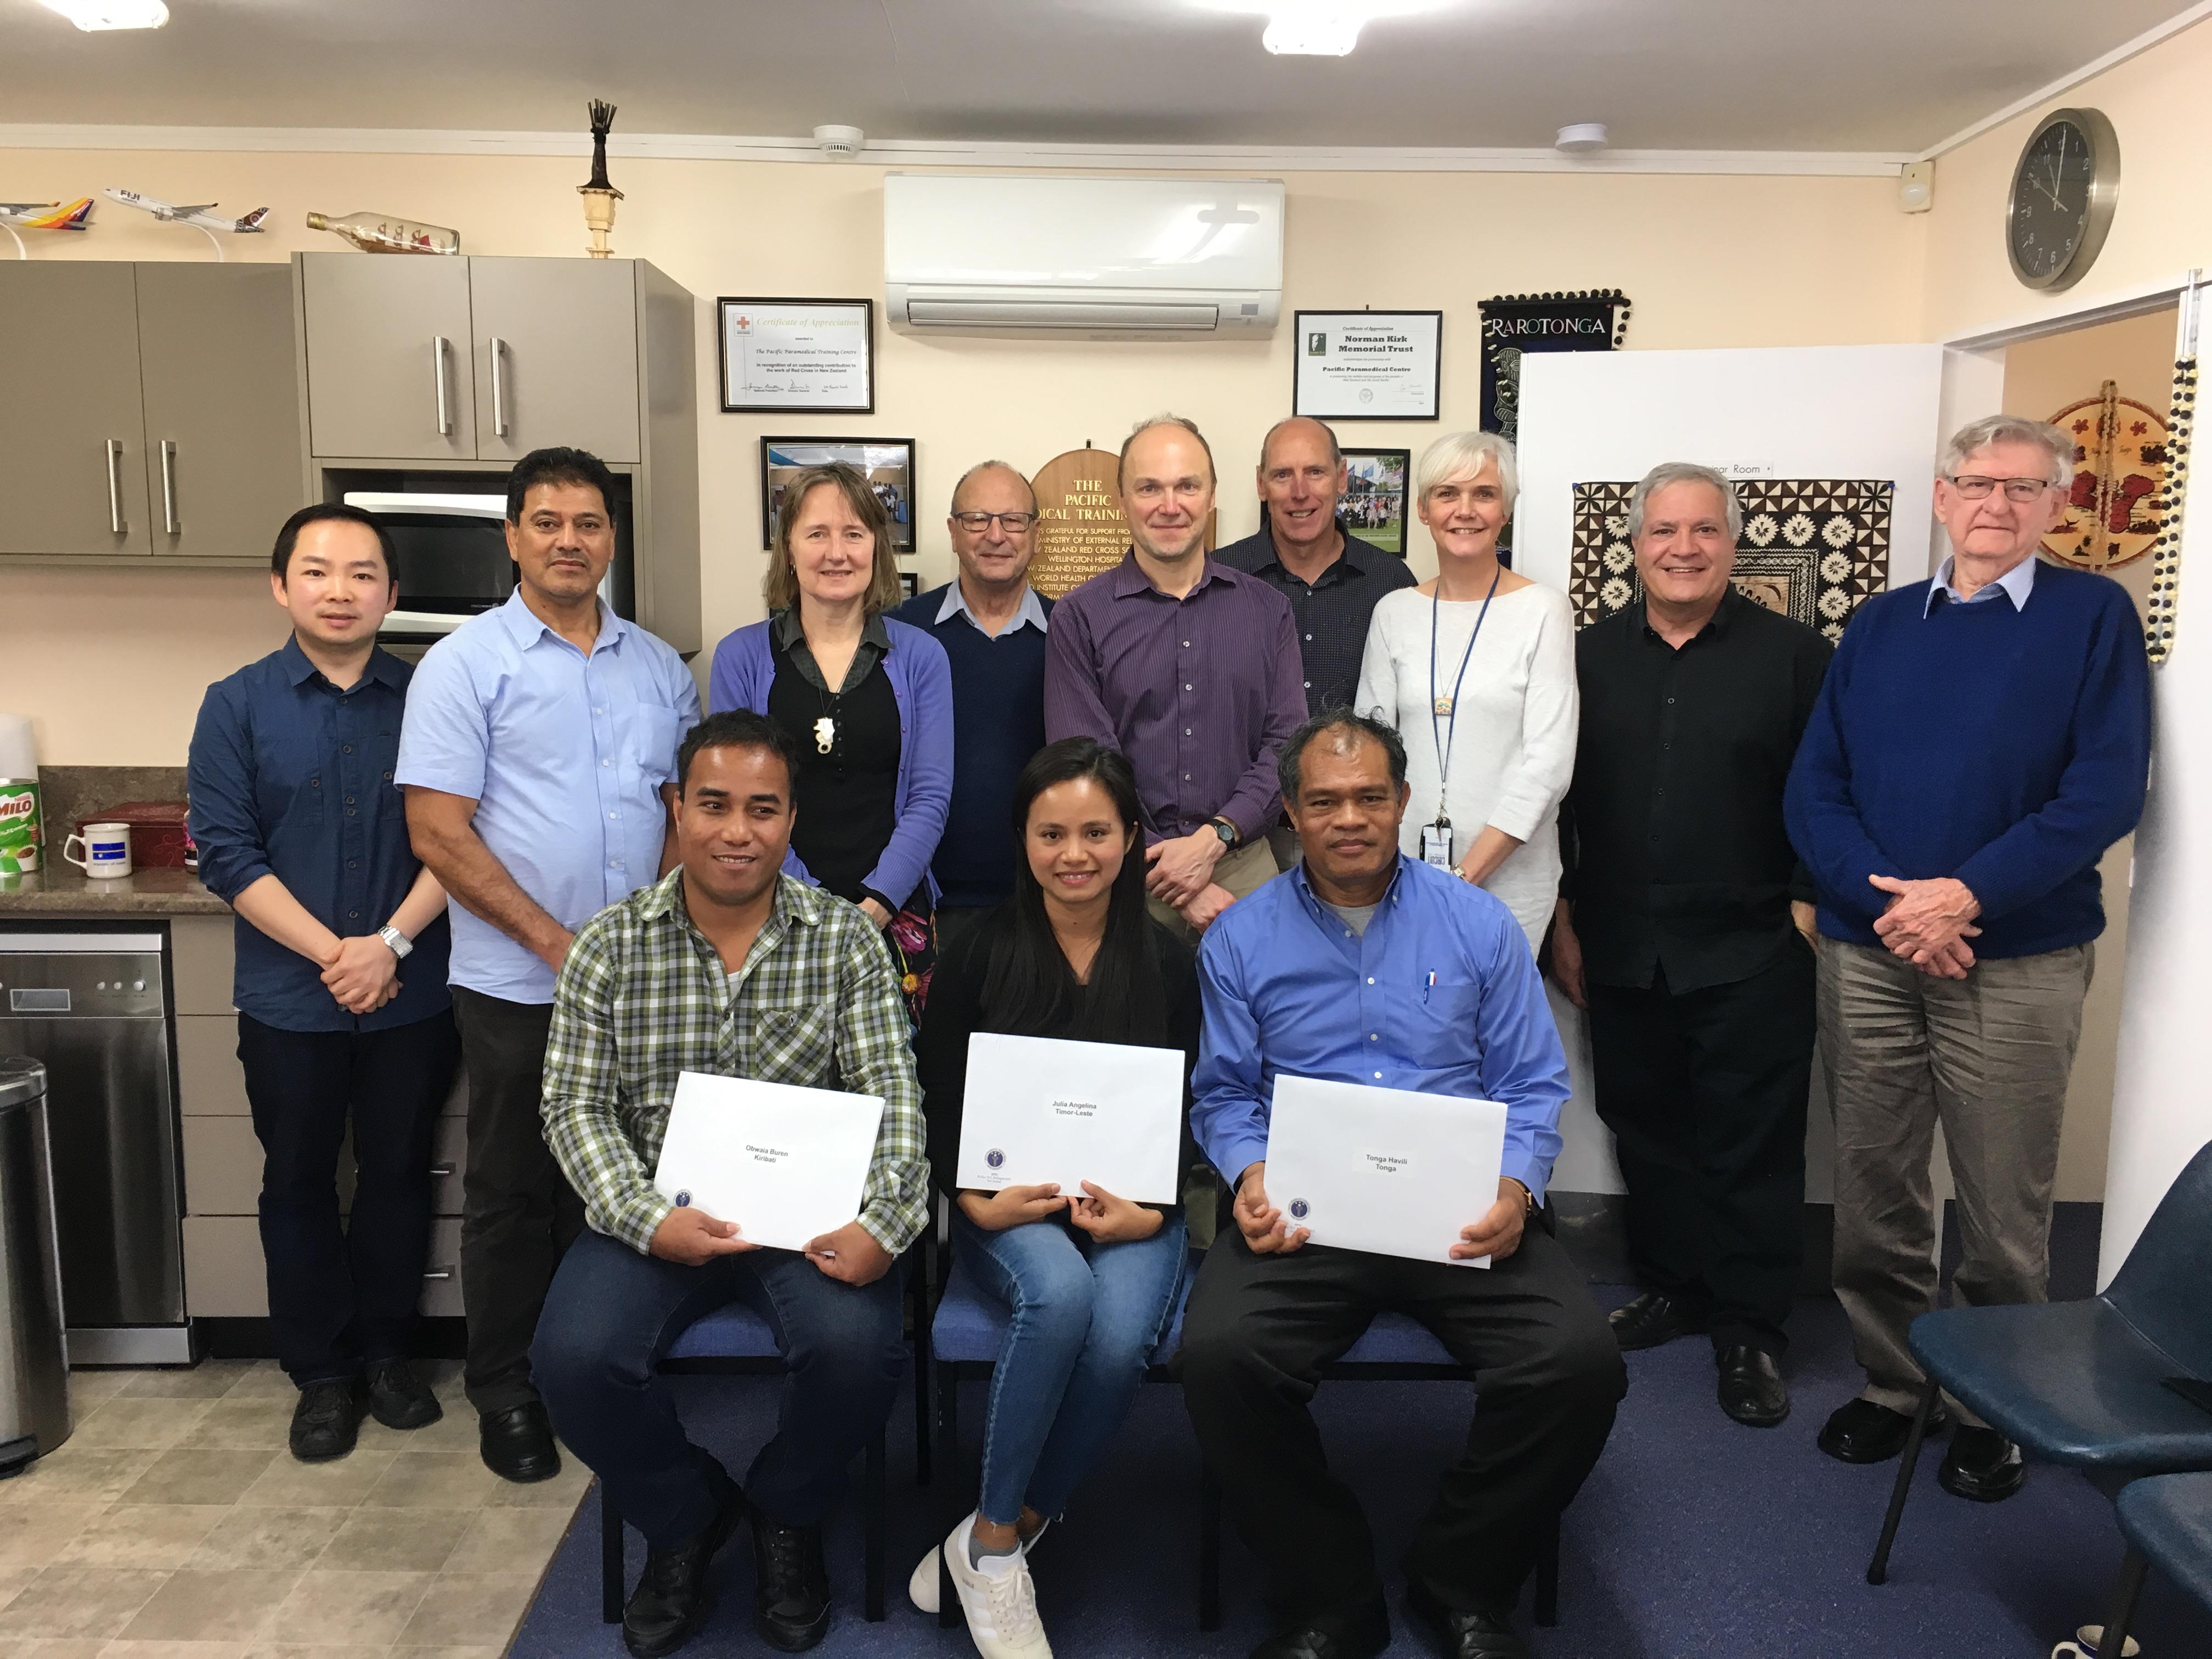 2018 Haematology PPTC